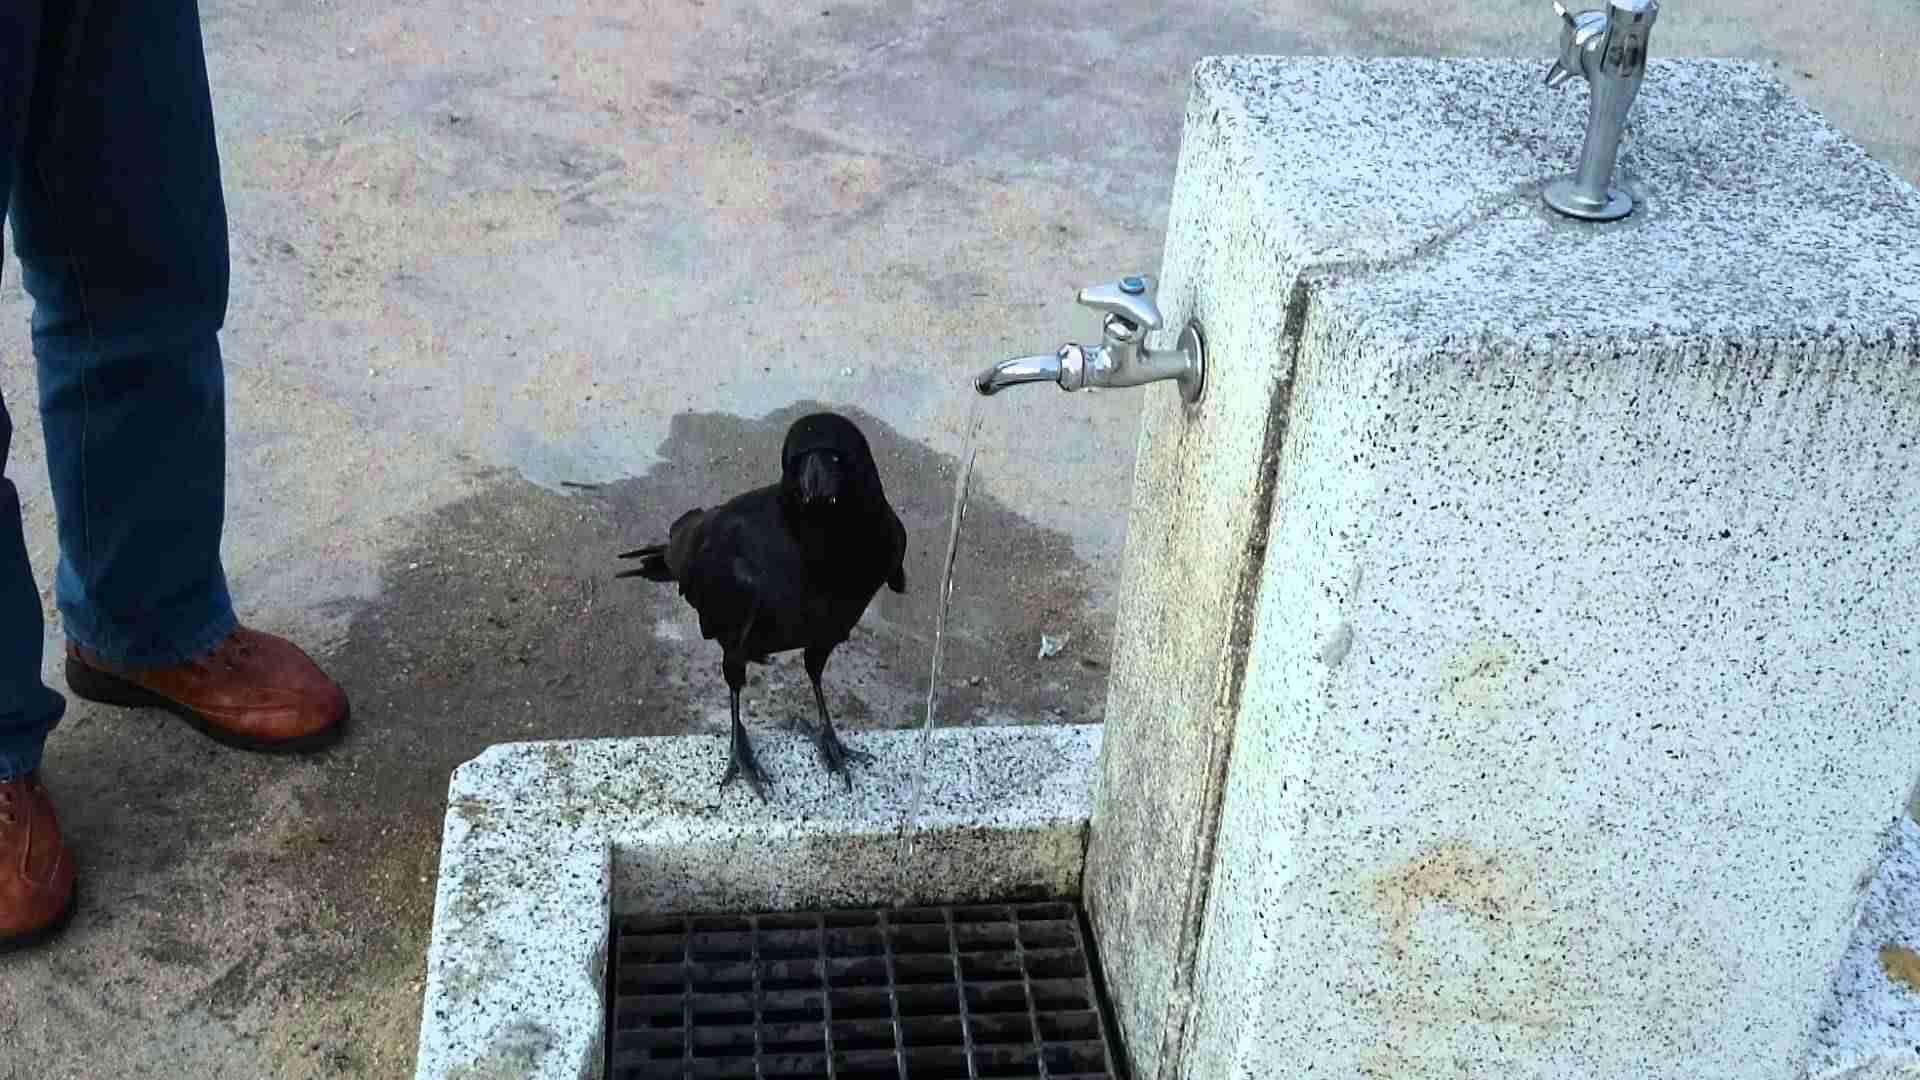 公園でカラスになつかれた It was tamed a crow in a park - YouTube